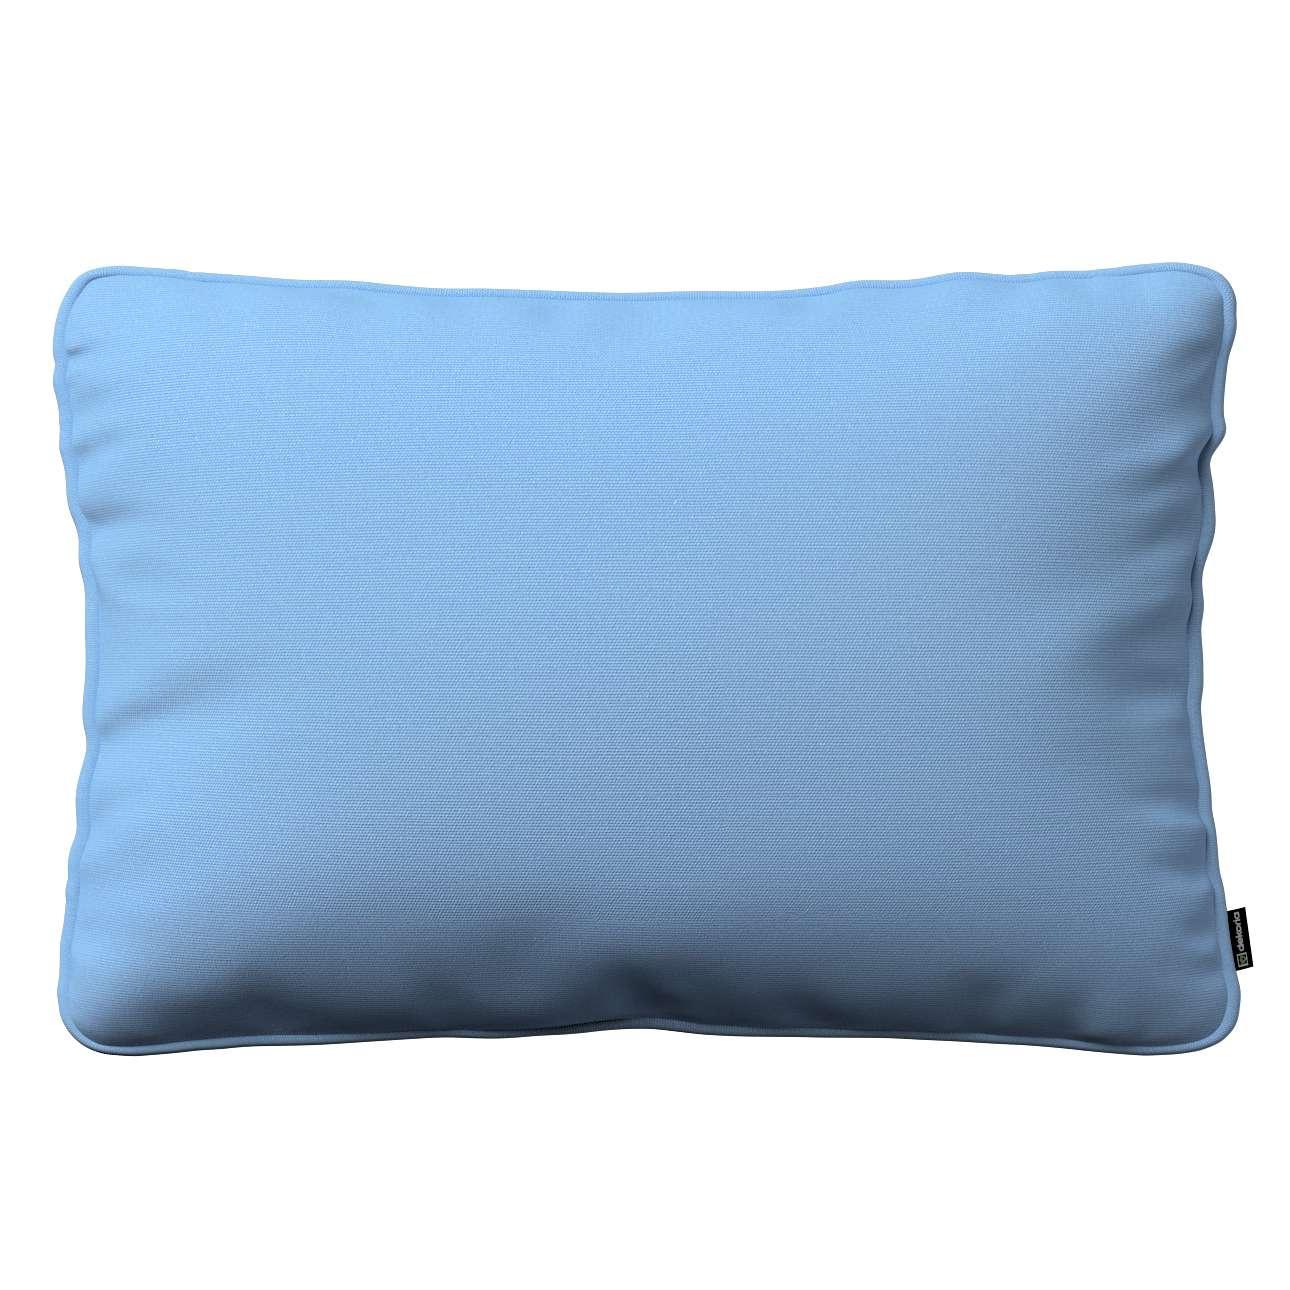 Poszewka Gabi na poduszkę prostokątna 60 x 40 cm w kolekcji Loneta, tkanina: 133-21